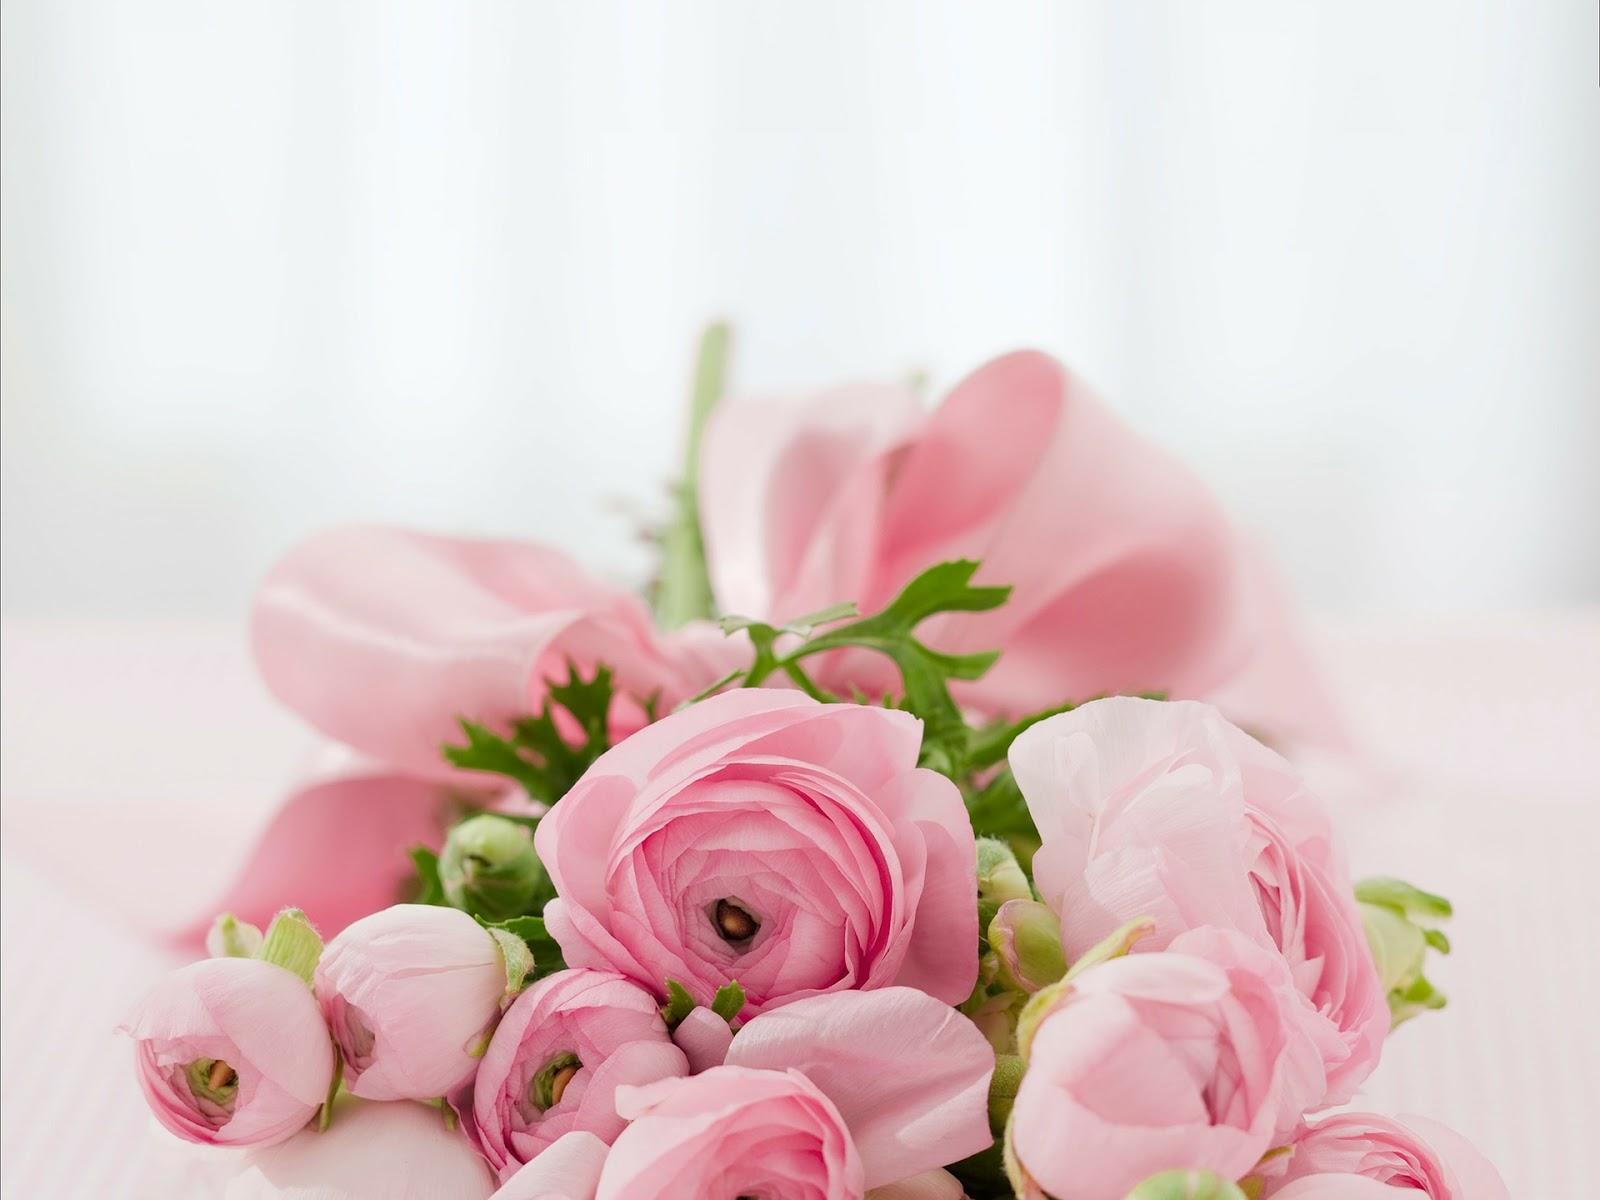 Drugi post - czyż te kwiaty nie są piękne?